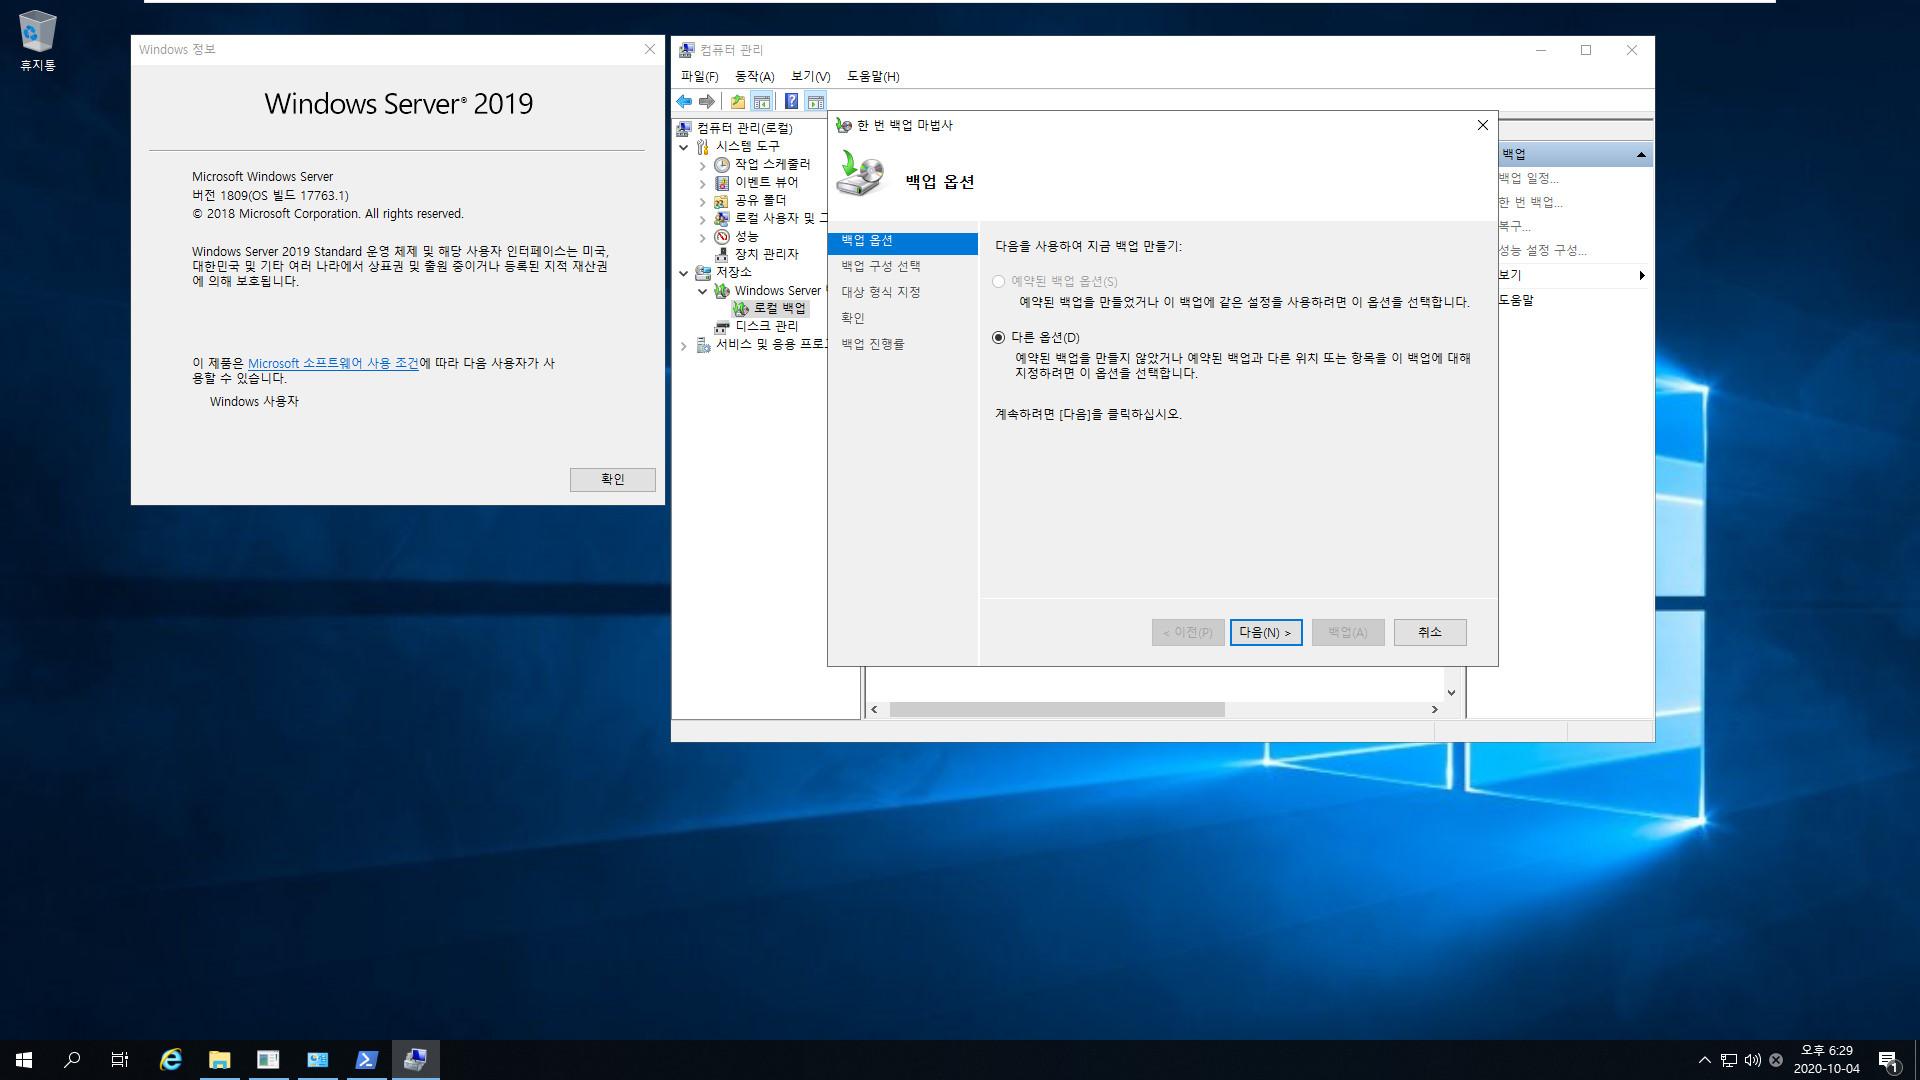 윈도우 서버군은 윈도우 사용중에도 자체 WBadmin 명령으로 윈도우 복구를 합니다 - Windows Server 2019로 복구 테스트 2020-10-04_182926.jpg